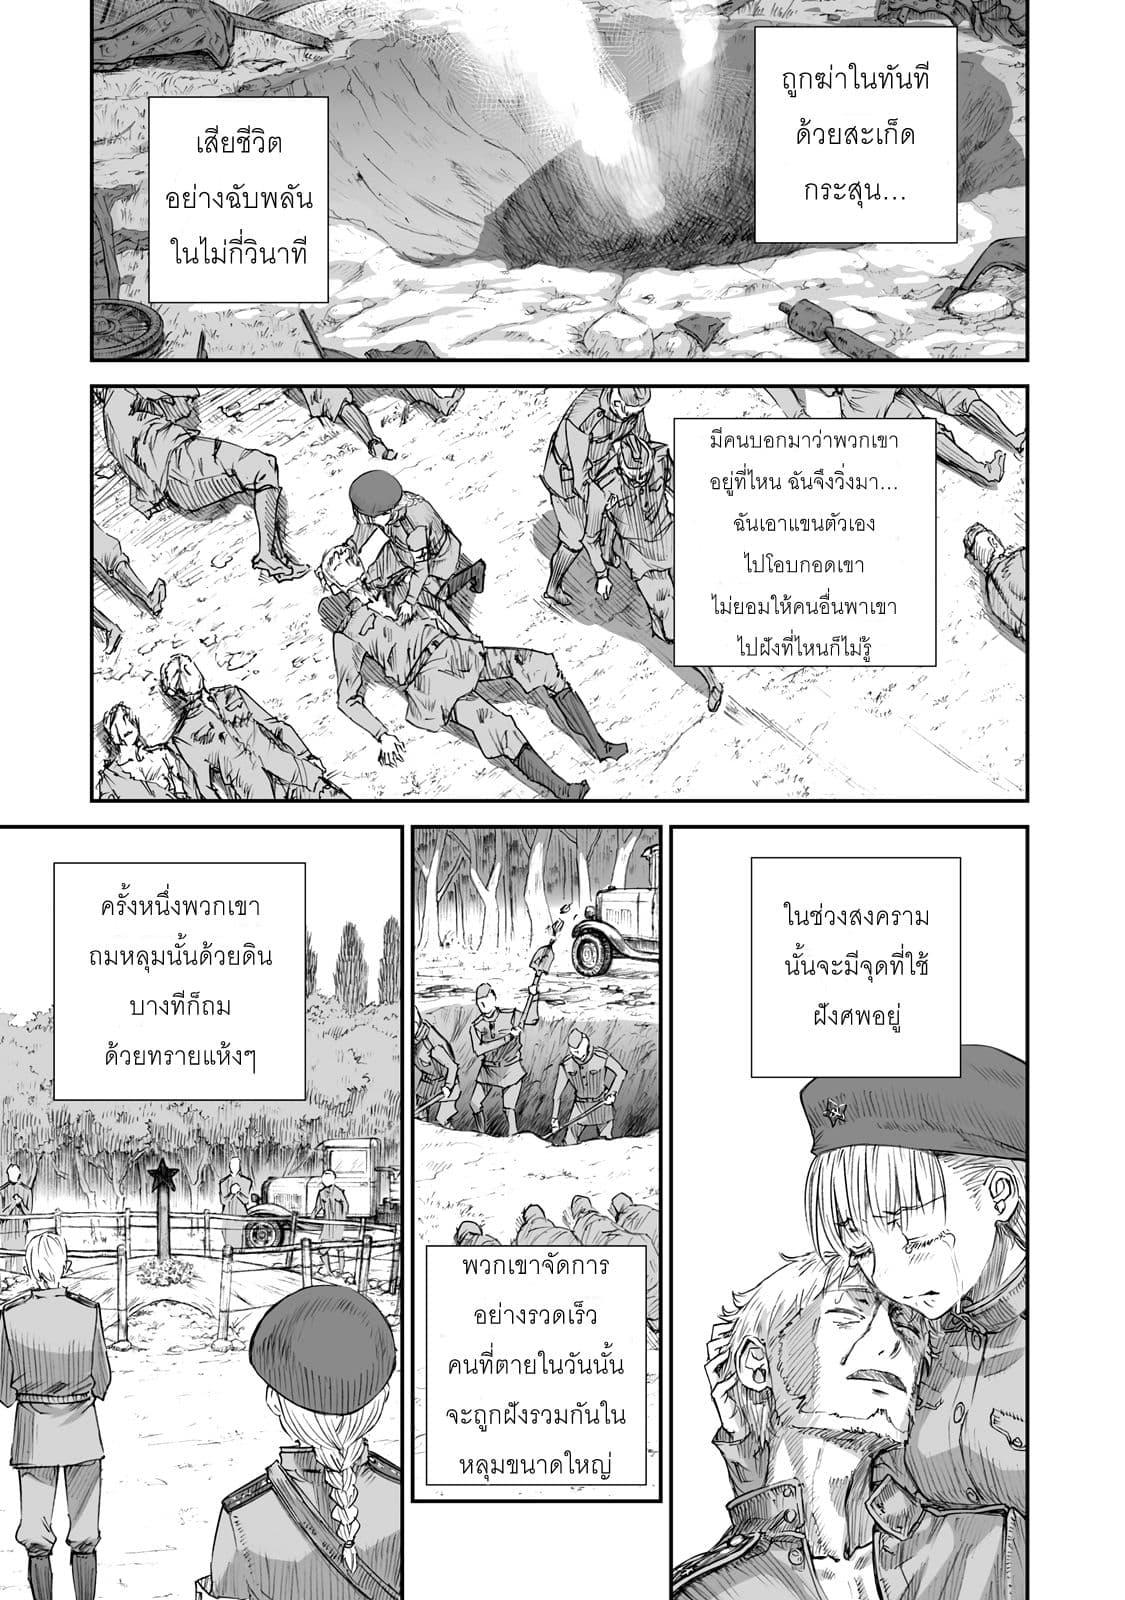 อ่านการ์ตูน Senso wa onna no kao o shite inai ตอนที่ 2 หน้าที่ 17